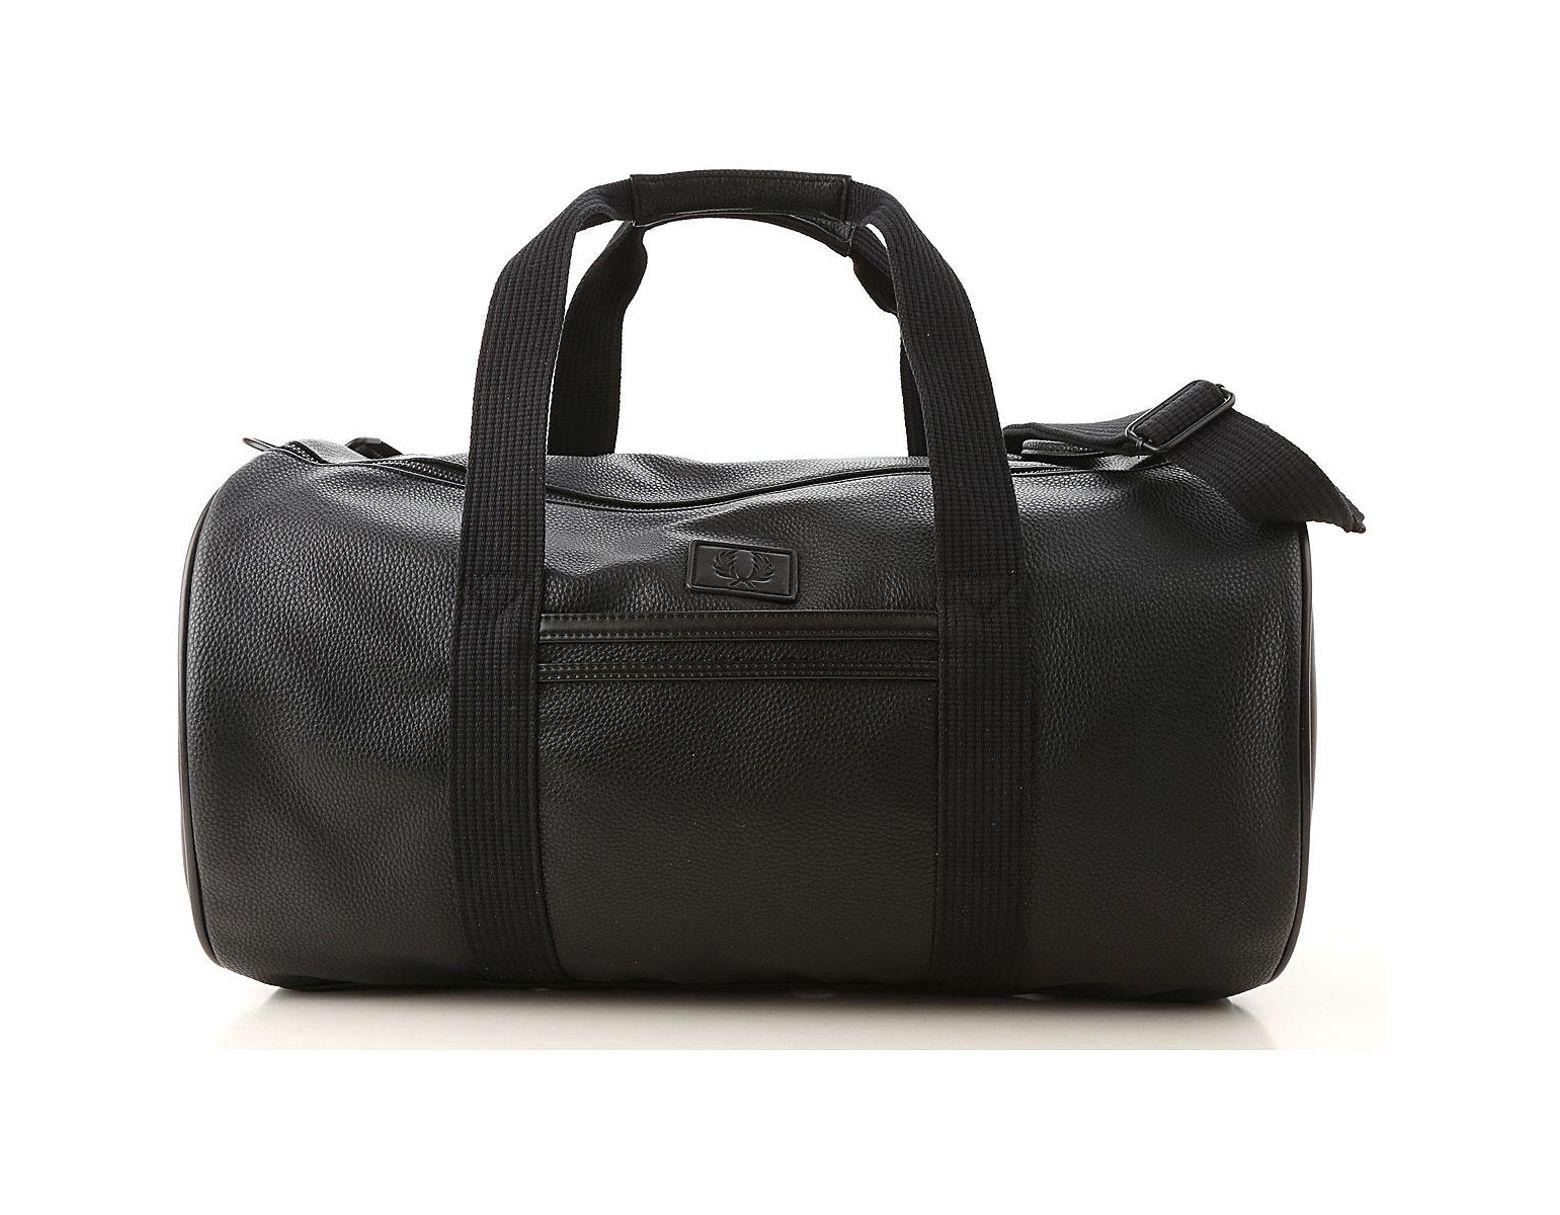 d5a8a77269e11f Fred Perry Gym Bag Sports For Men in Black for Men - Lyst